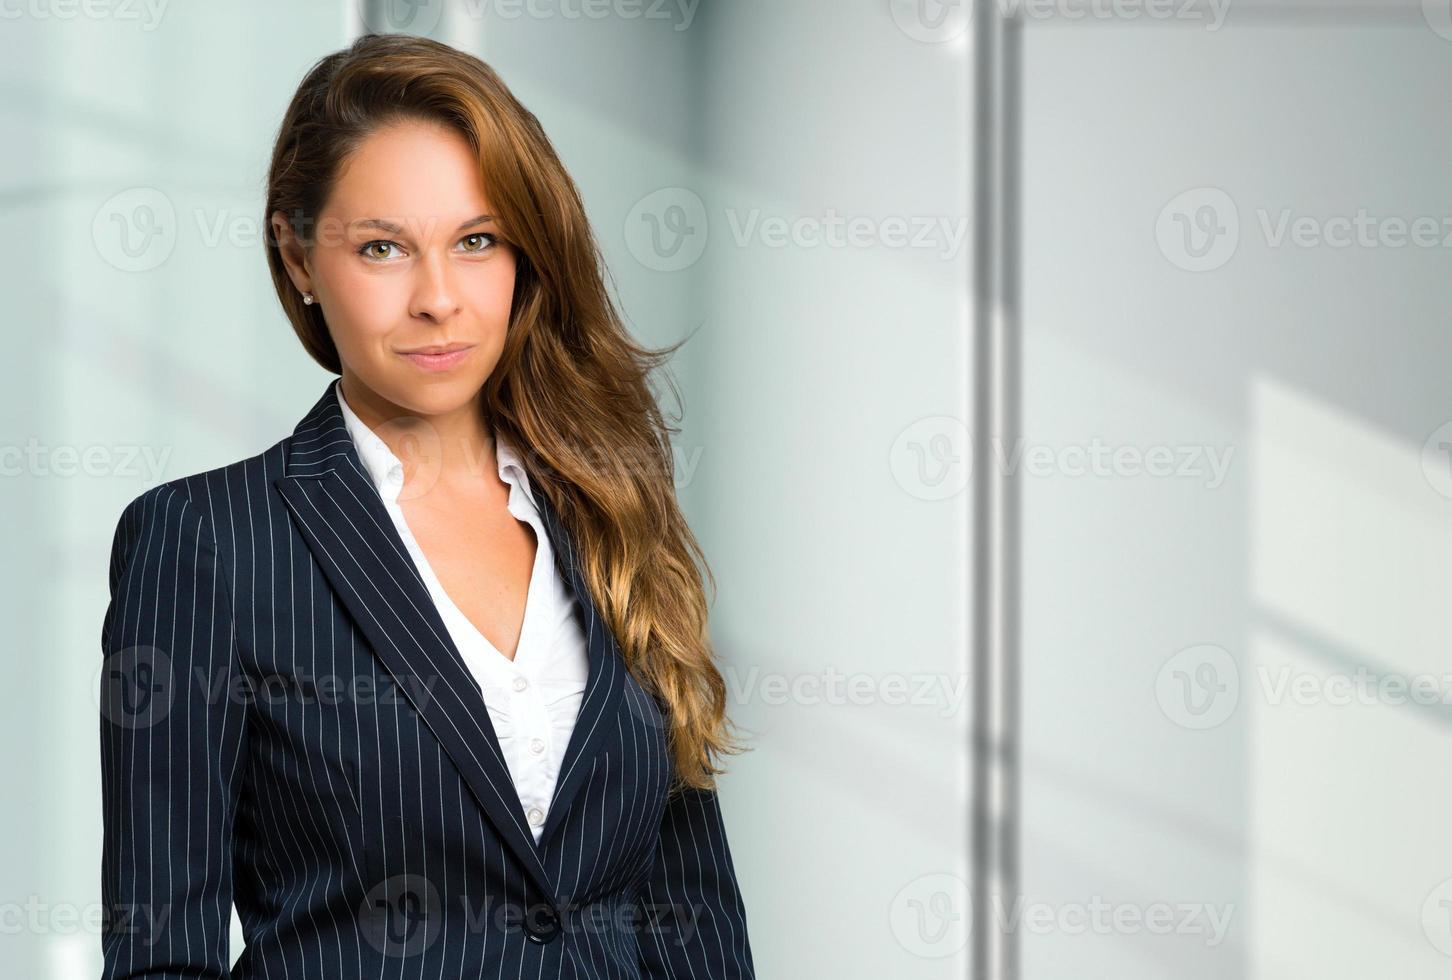 portrait de femme d'affaires blonde photo